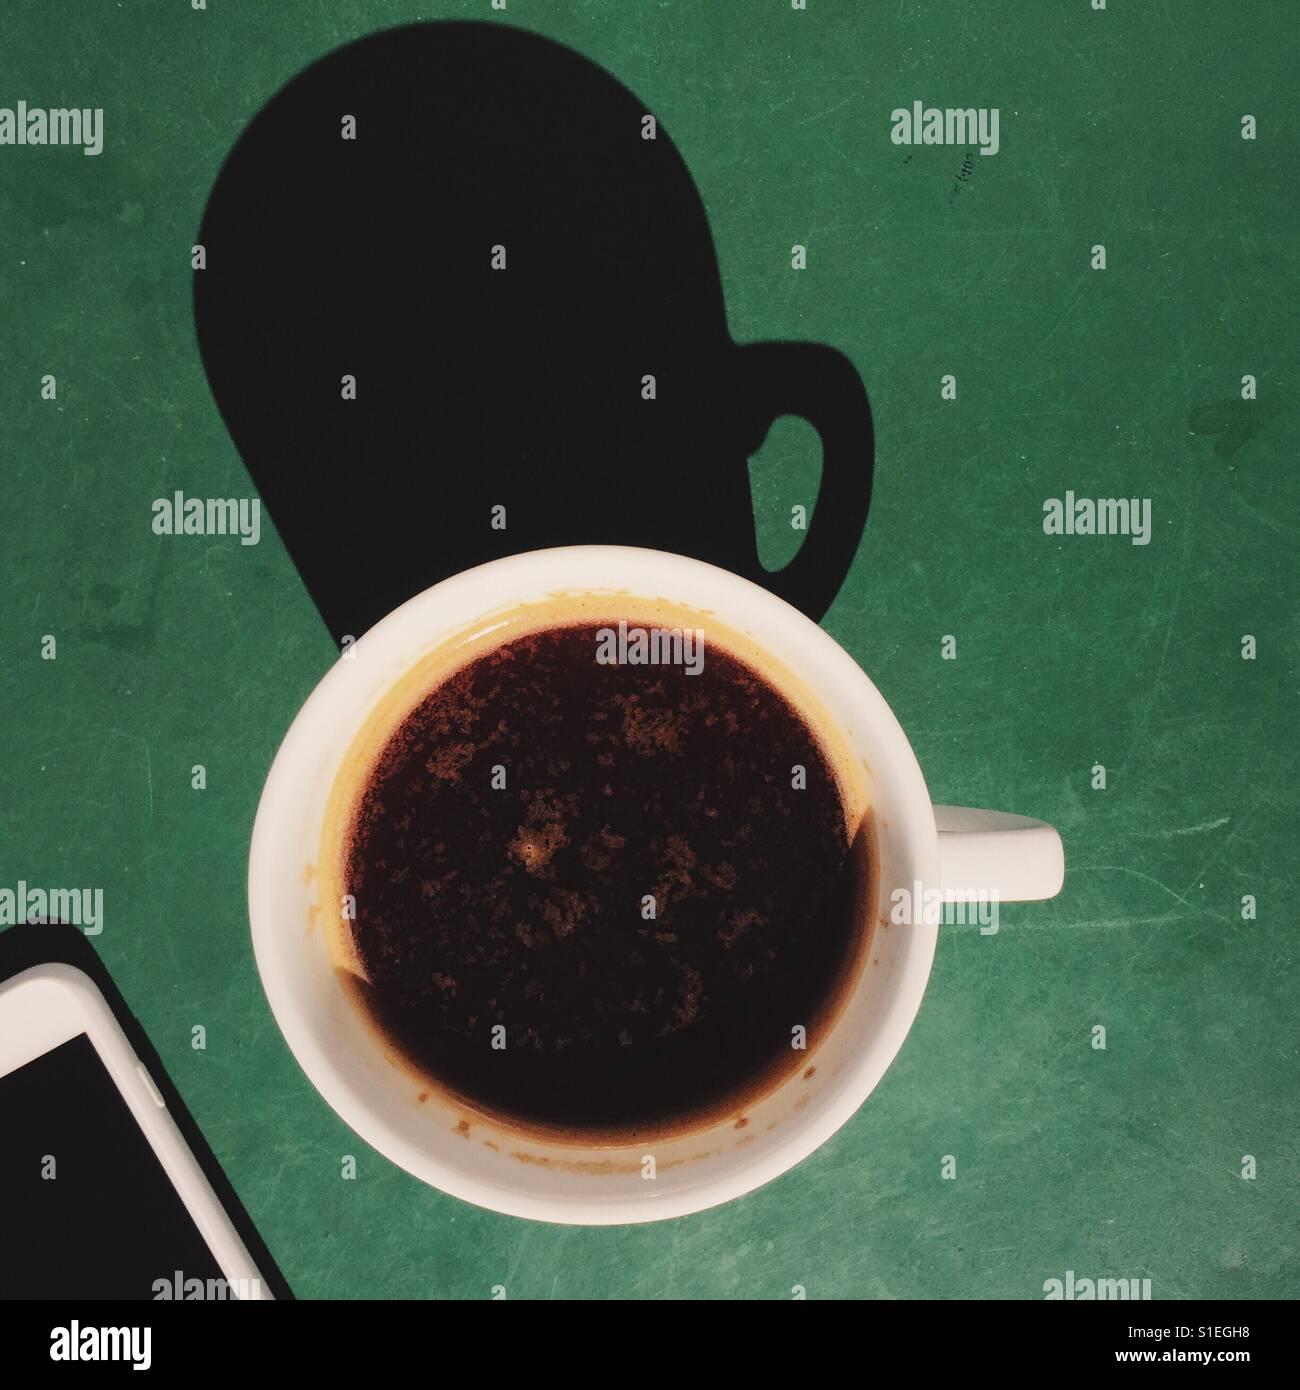 Una fotografía cenital de una fresca bebida de café americano en un cuadro verde con un teléfono Imagen De Stock